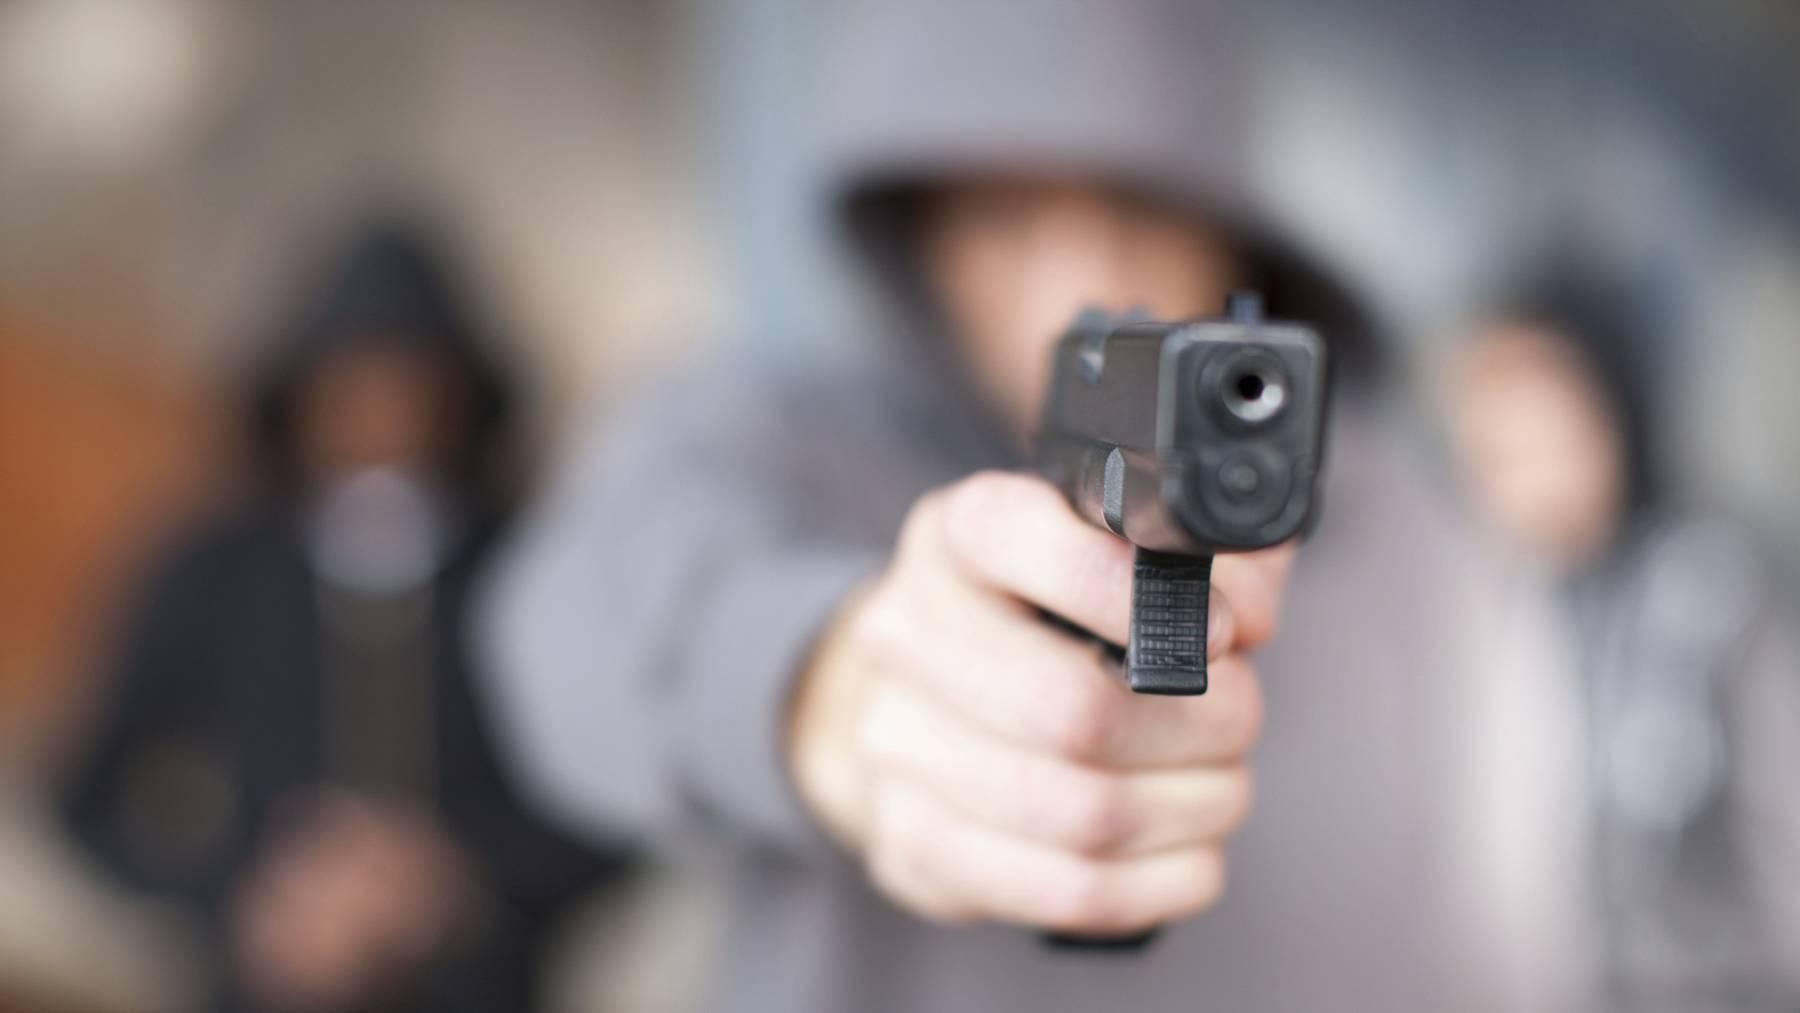 Der Unbekannte bedrohte einen Velofahrer mit einer Pistole. (Symbolbild)